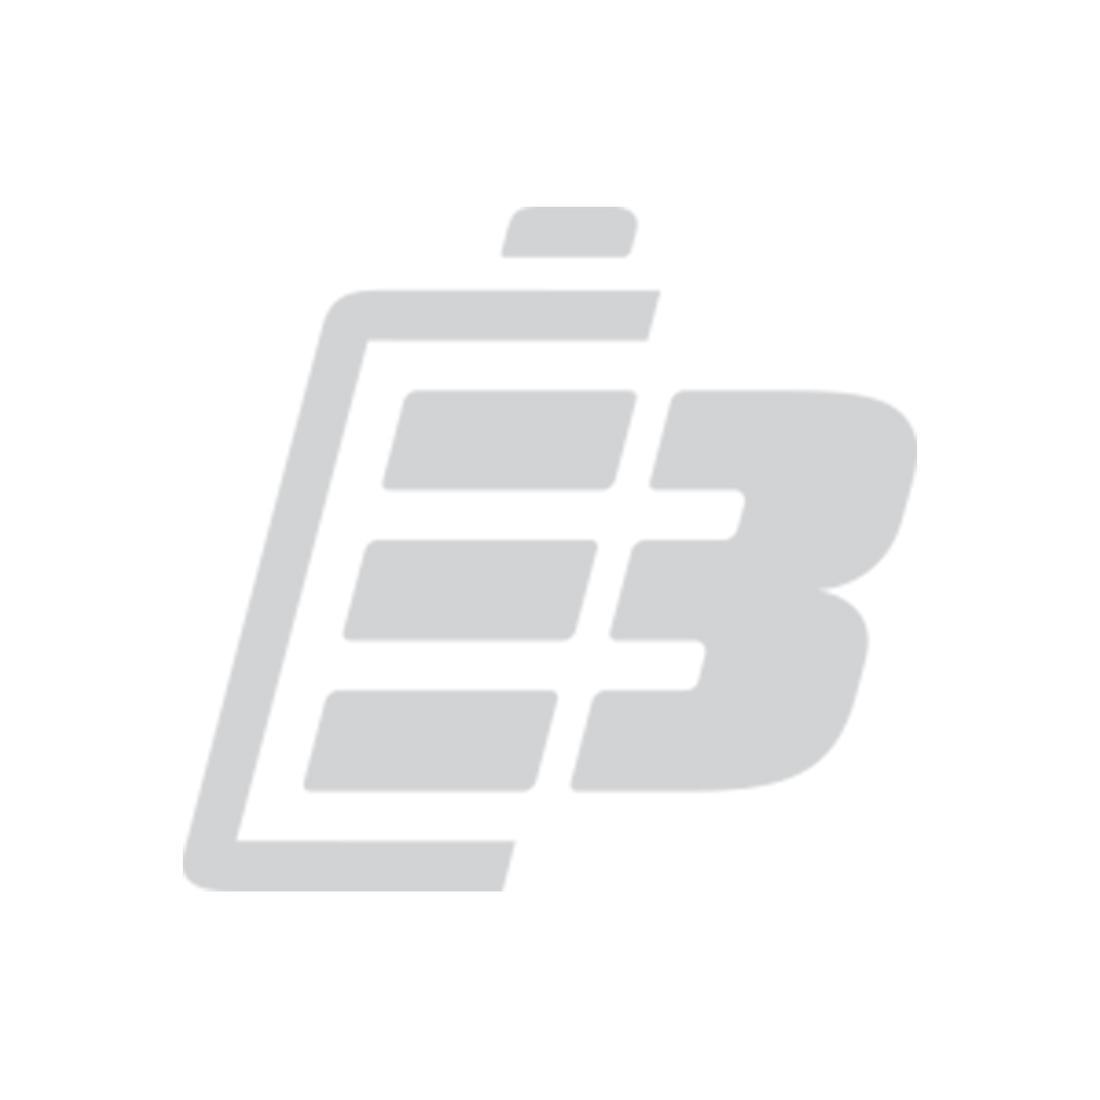 Μπαταρία ηλεκτρικού κολάρου σκύλου Dogtra FieldTrainer SD-400 _1